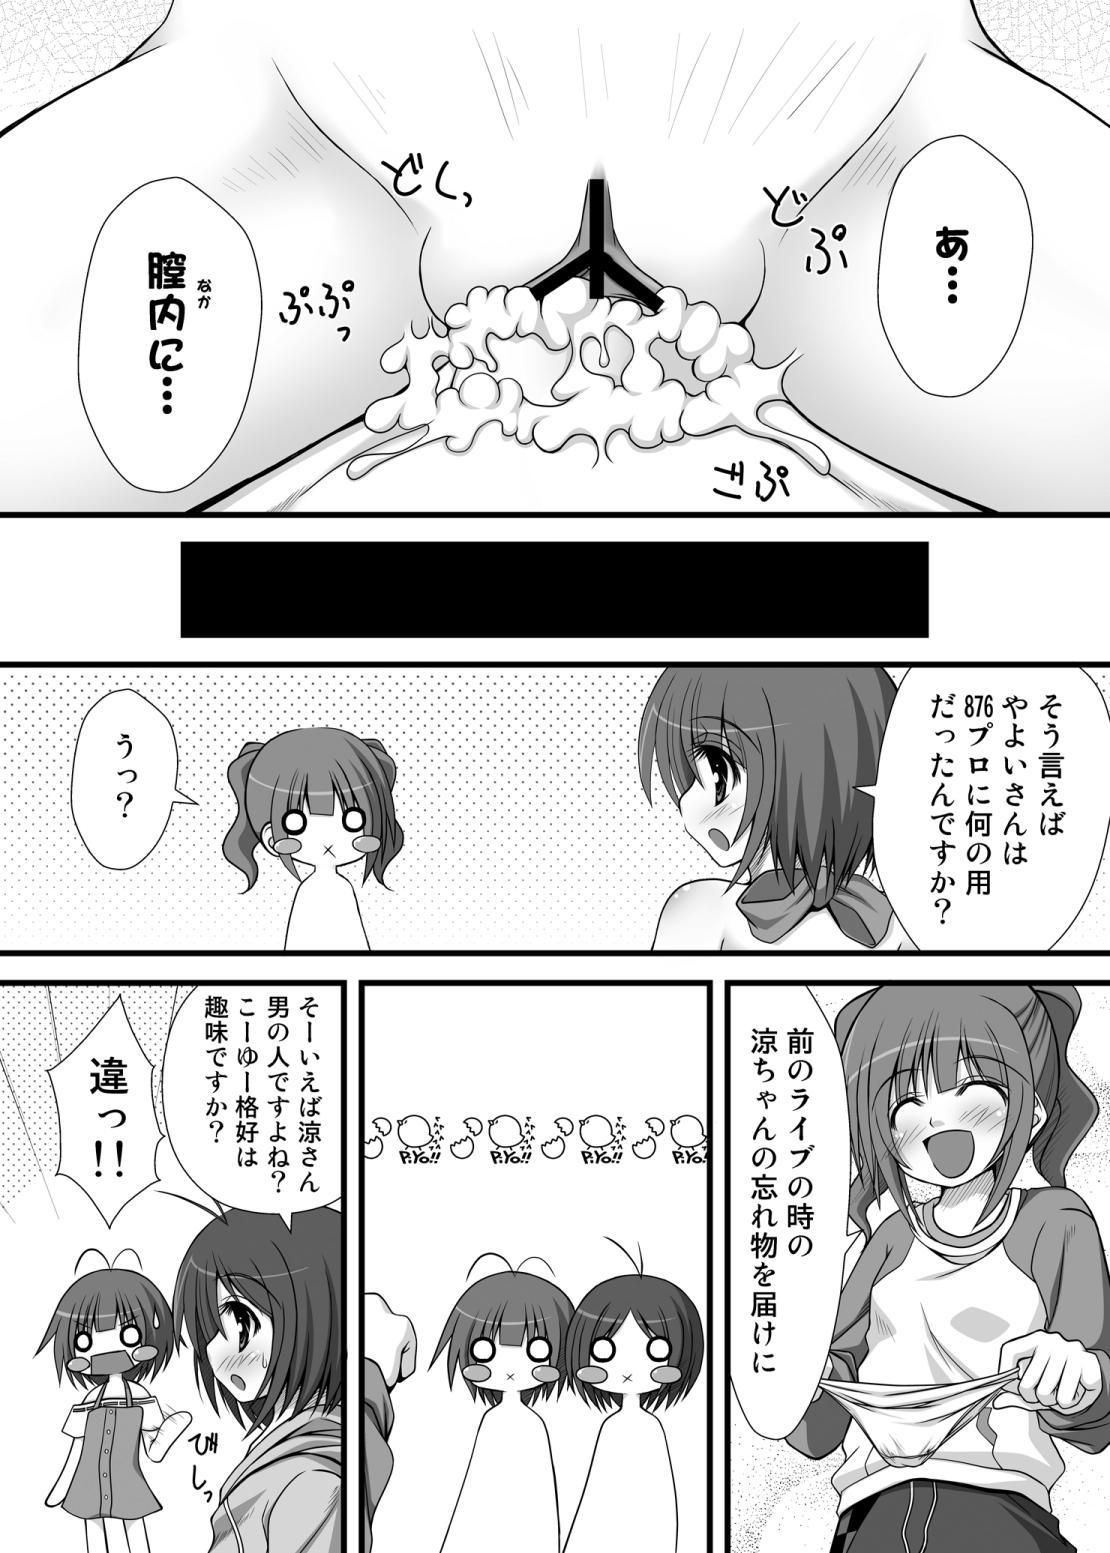 Aho no Ko ga Futari Atsumareba Tonikaku Urusai 22